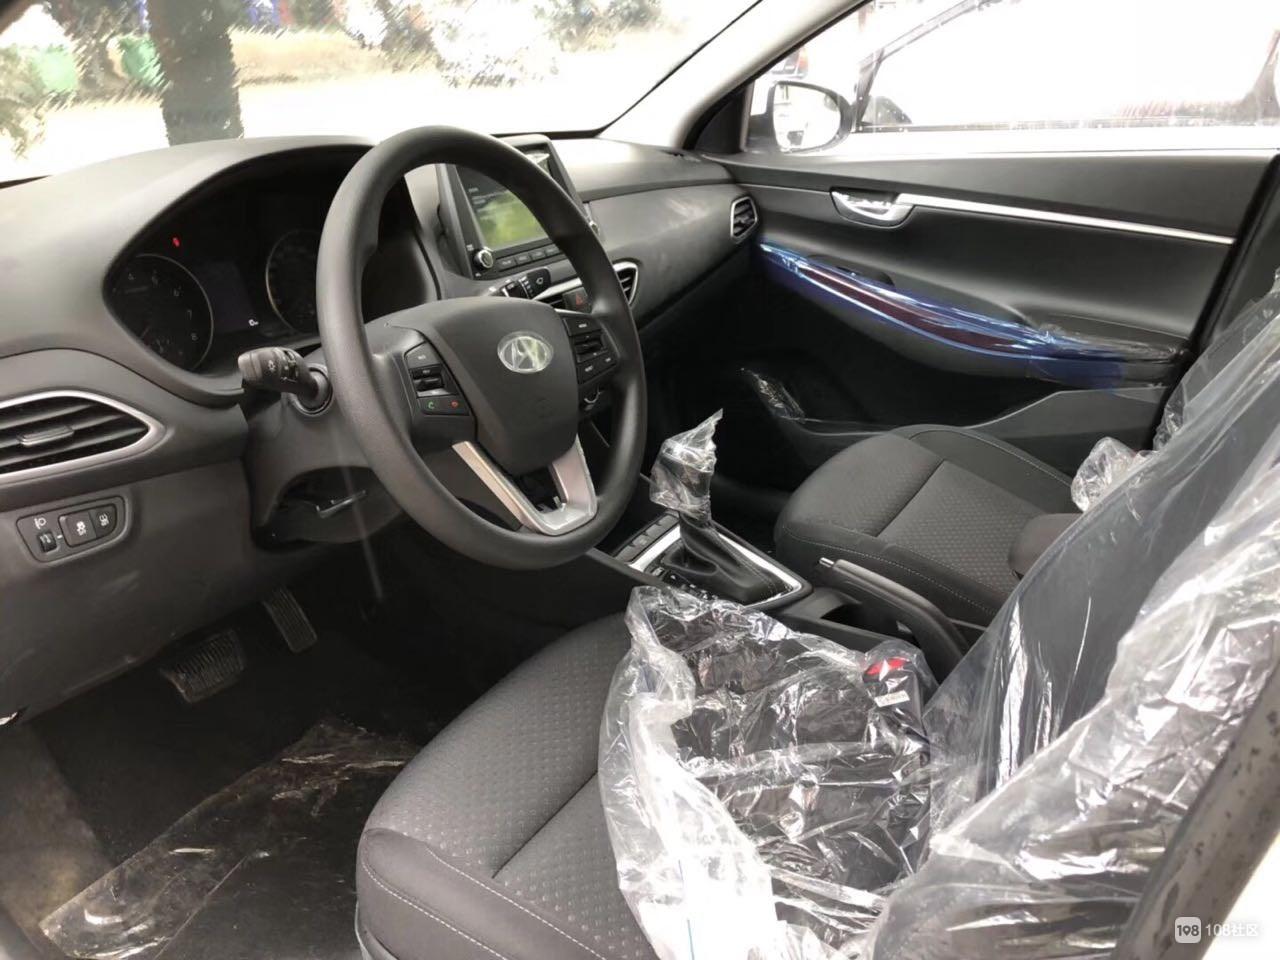 配置亮点:天窗,多功能方向盘,铝合金钢圈,大屏显示屏,倒车影像,倒车